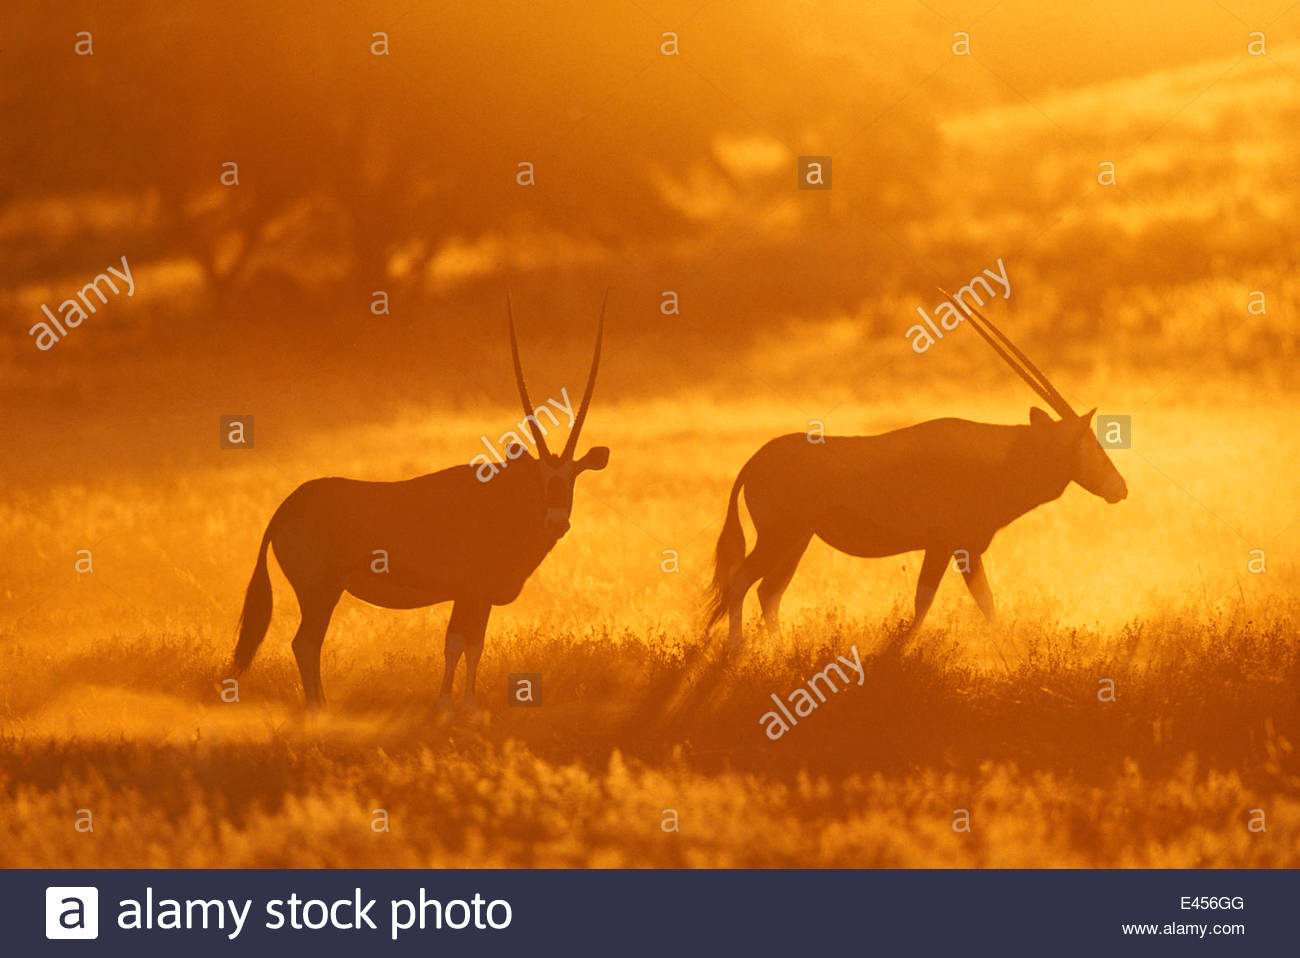 Gemsbok at dawn in Kruger NP. (Oryx gazella gazella) Africa. South Africa. - Stock Image